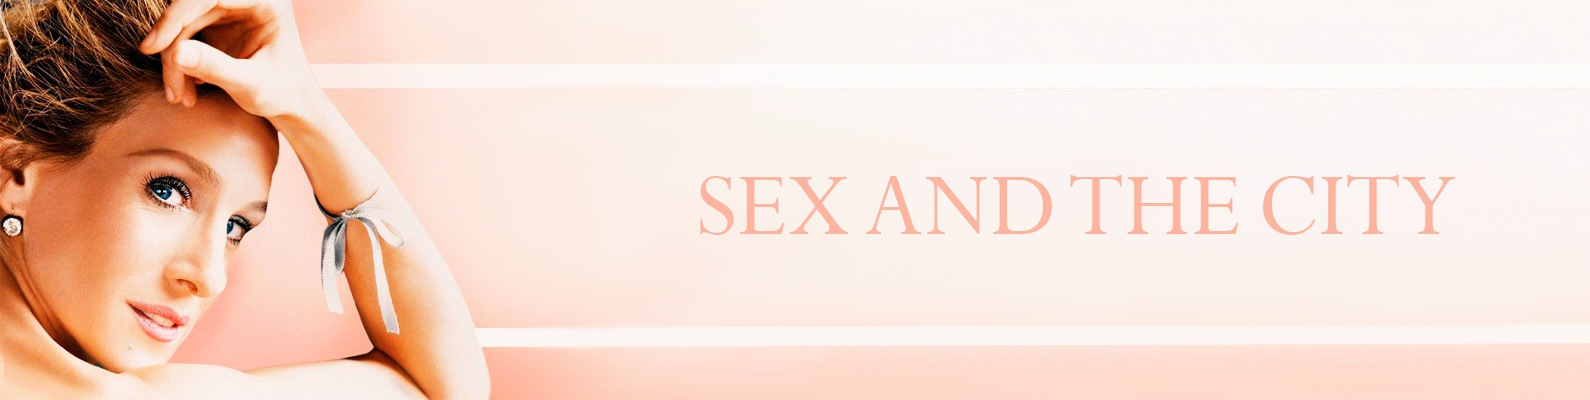 Секс в большом городе 2008 фильмы на английском с субтитрами